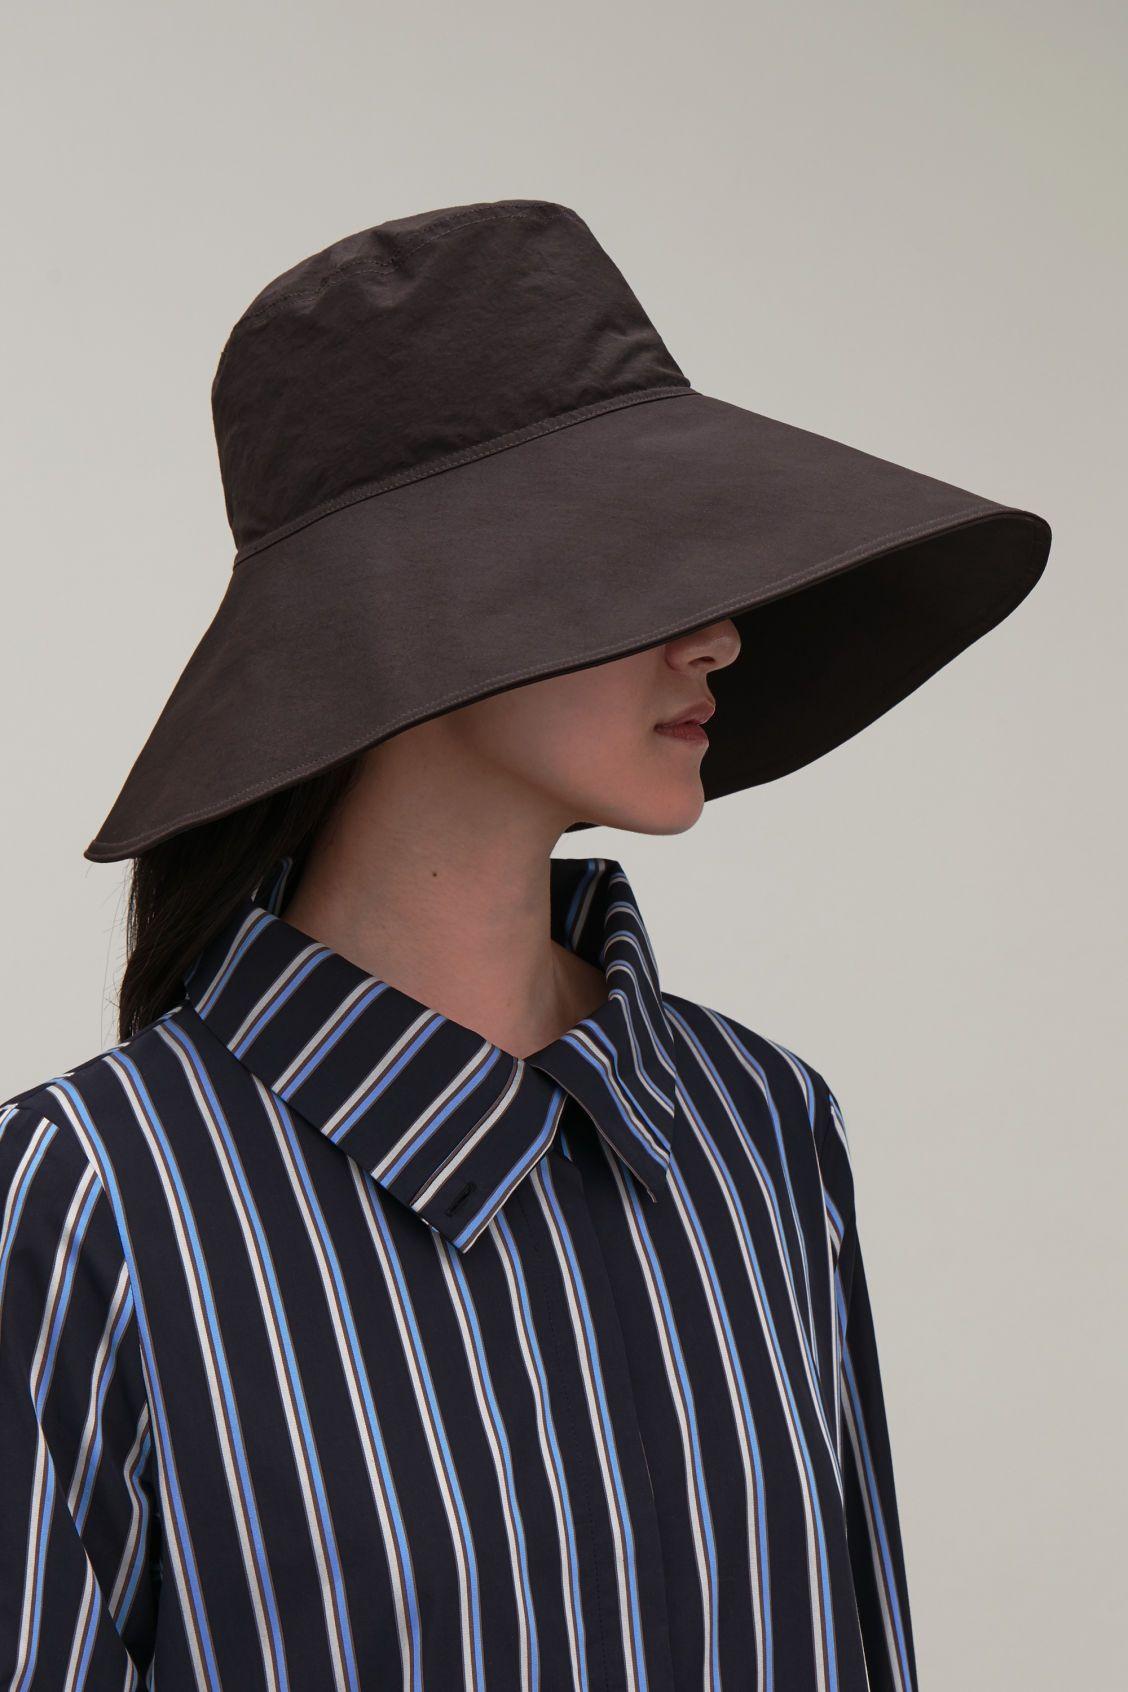 1ed38786100b6f Cos wide-brim hat in burgundy | Style in 2019 | Wide brim hat, Brim ...